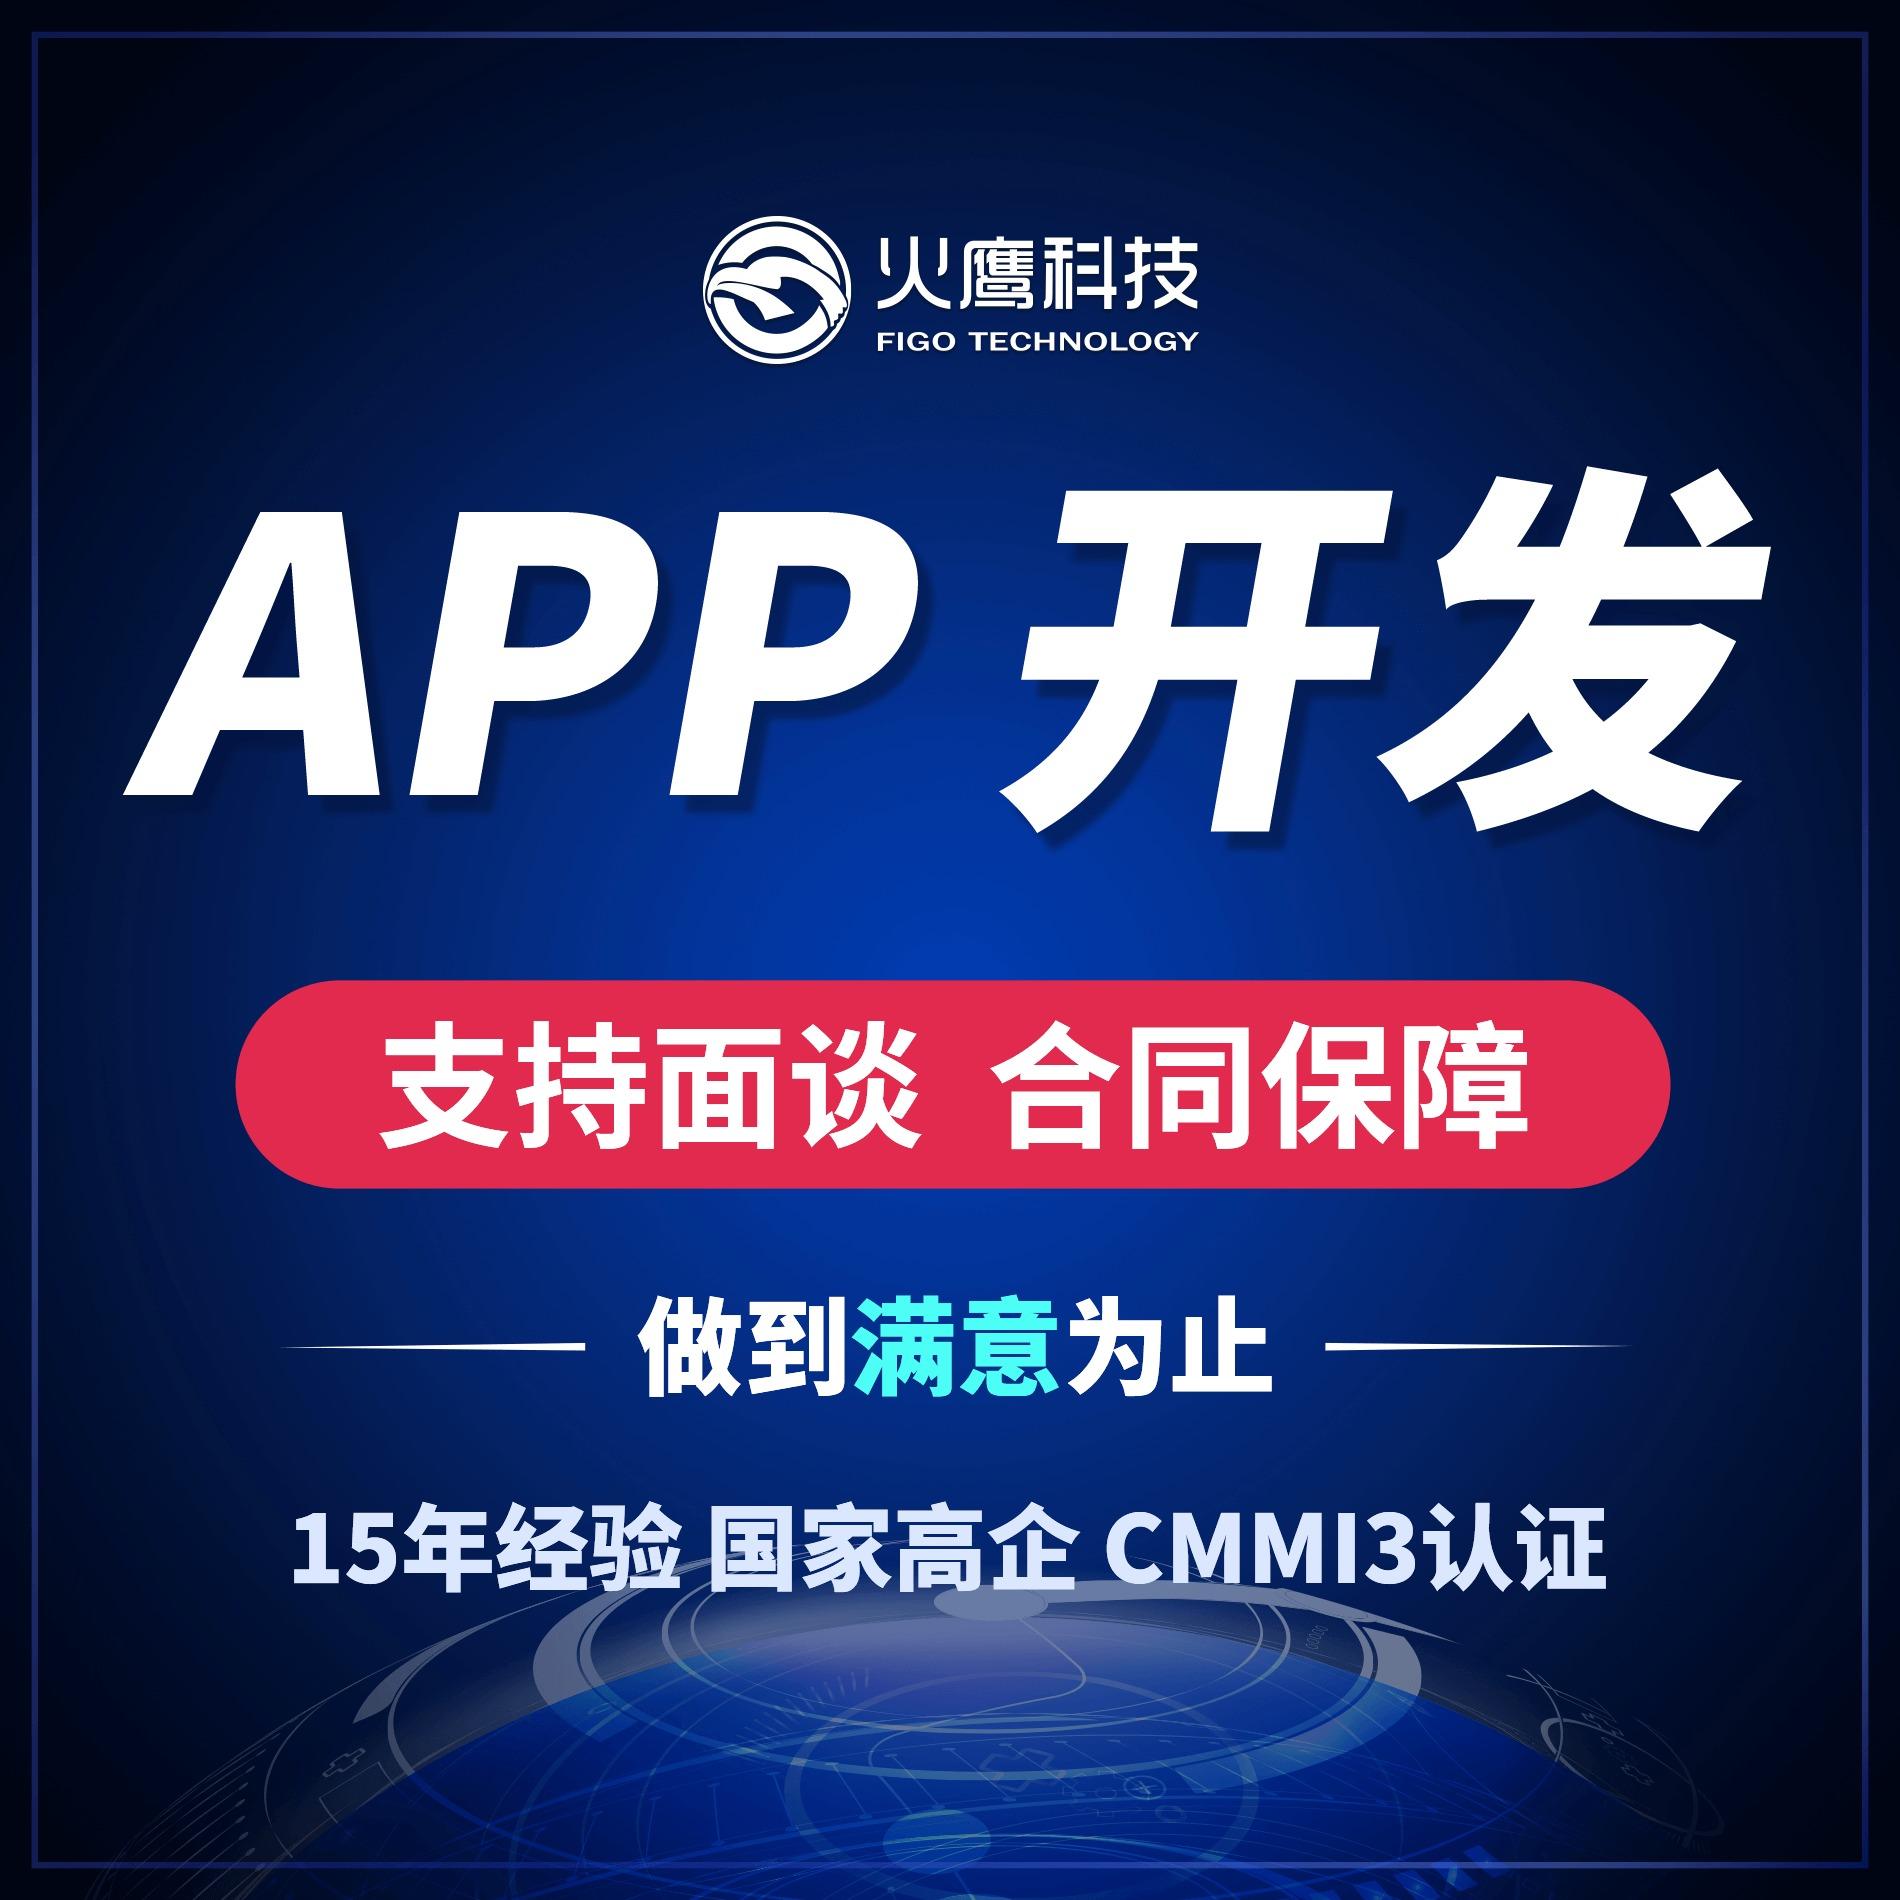 APP开发定制在线上课/教育培训/医疗保健/商城app开发